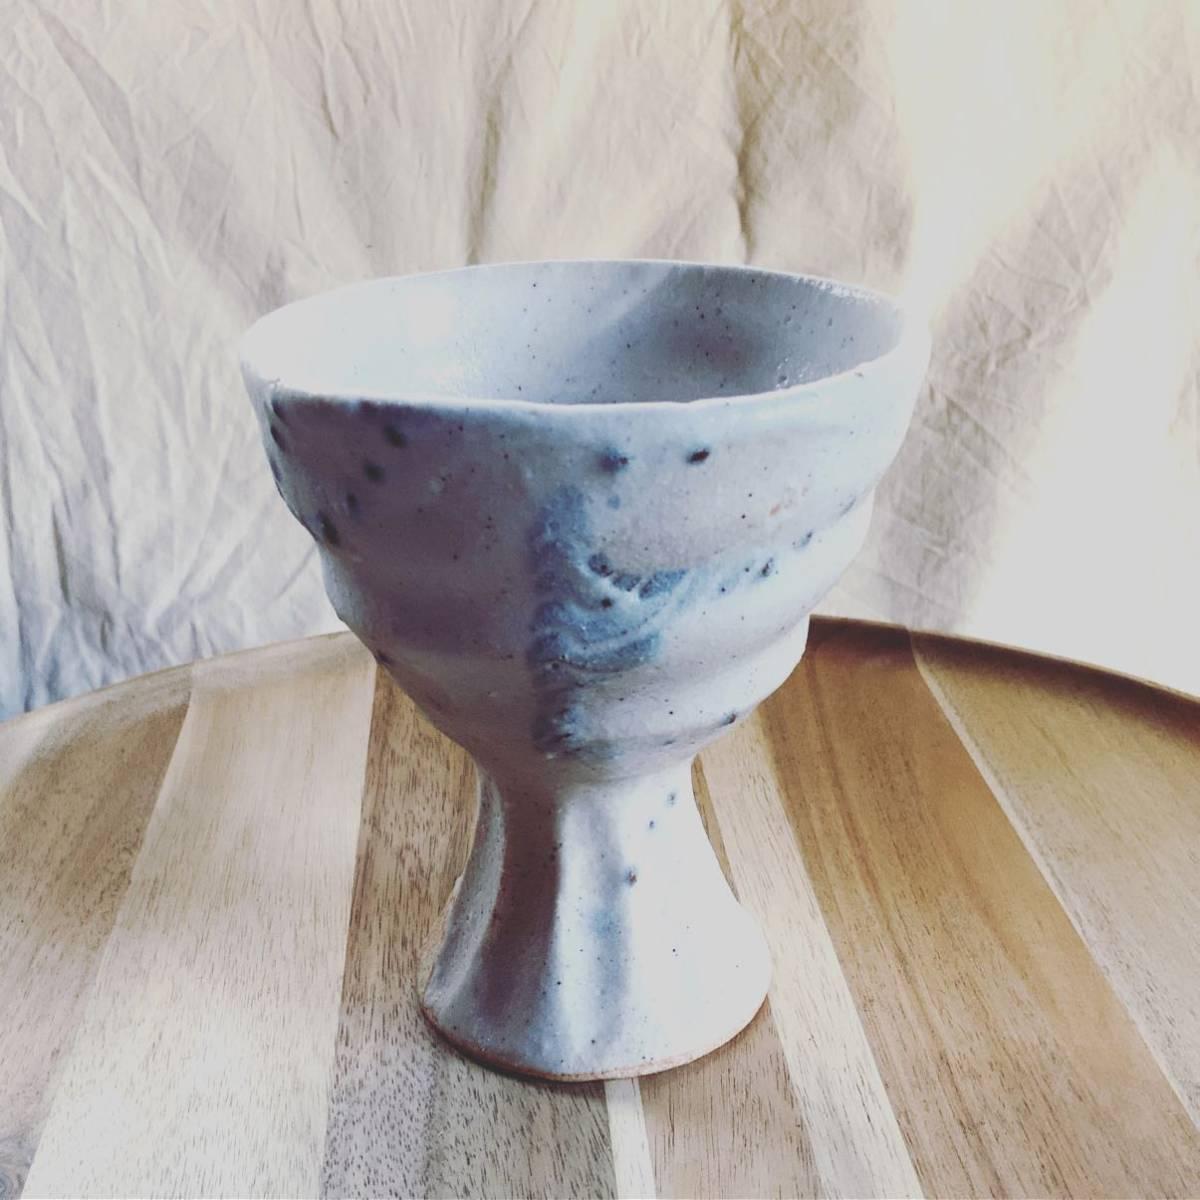 136 ゴブレット 高杯 盃 辰砂 酒器 オブジェ インテリア 陶器 和食器 釉薬_画像1